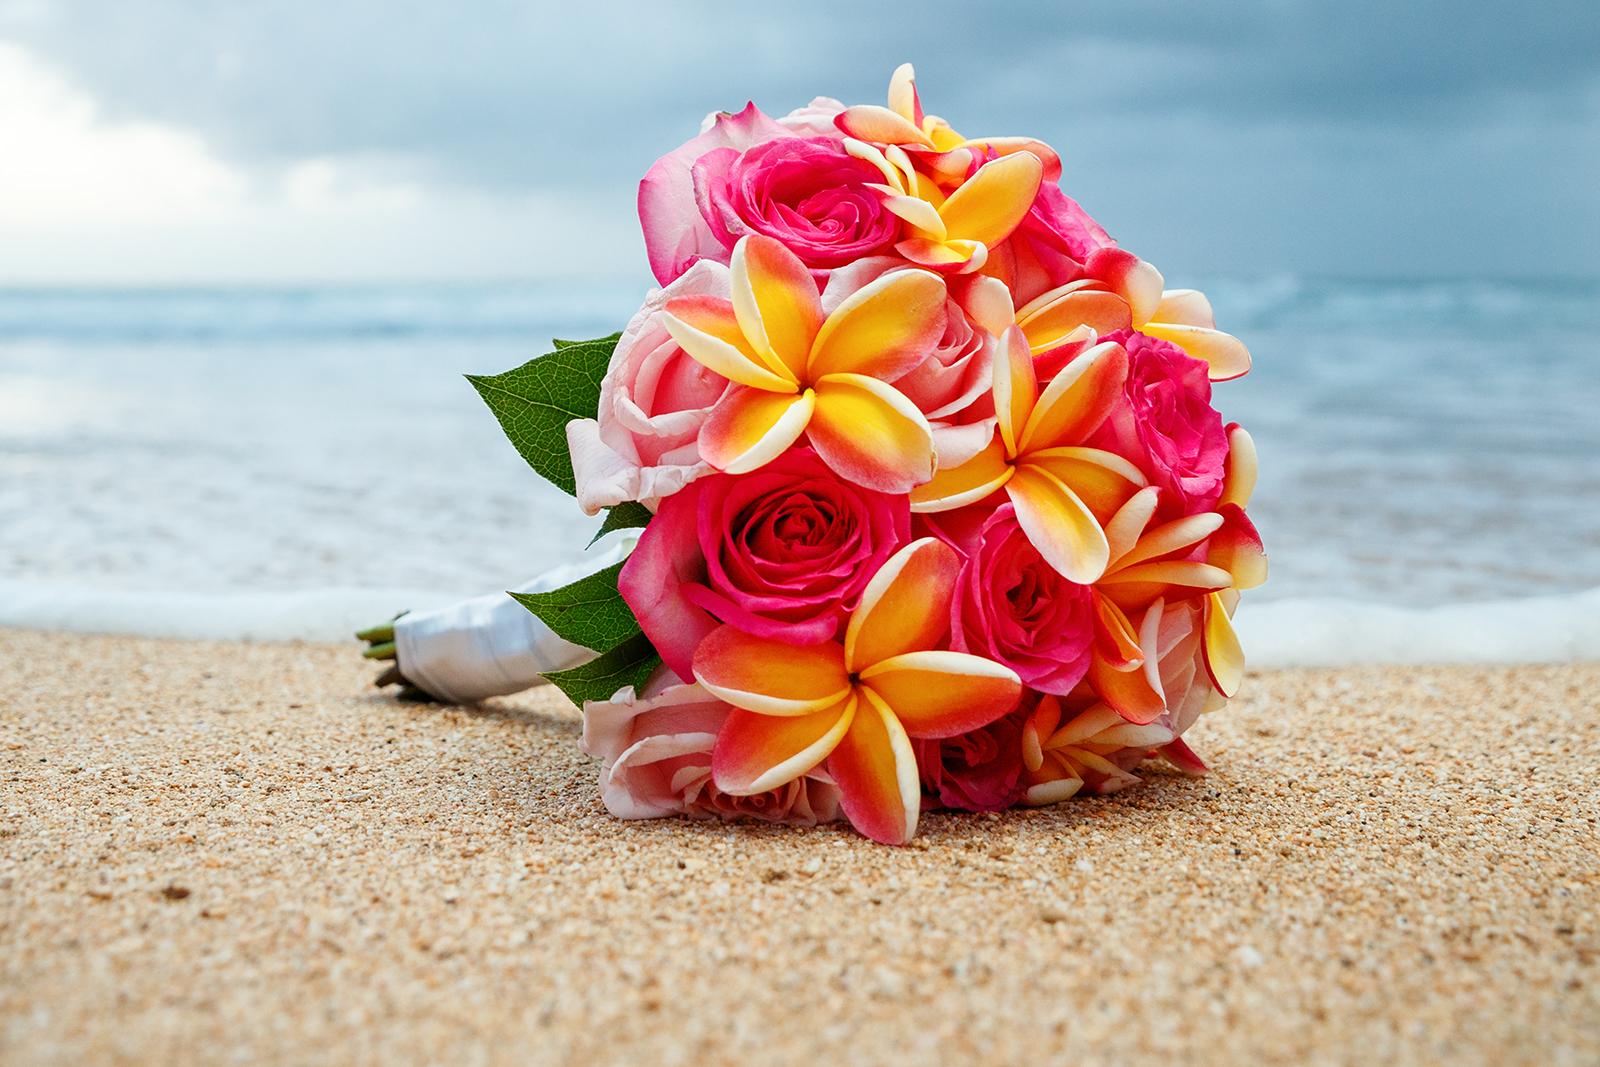 #4 Rose Plumeria Bouquet